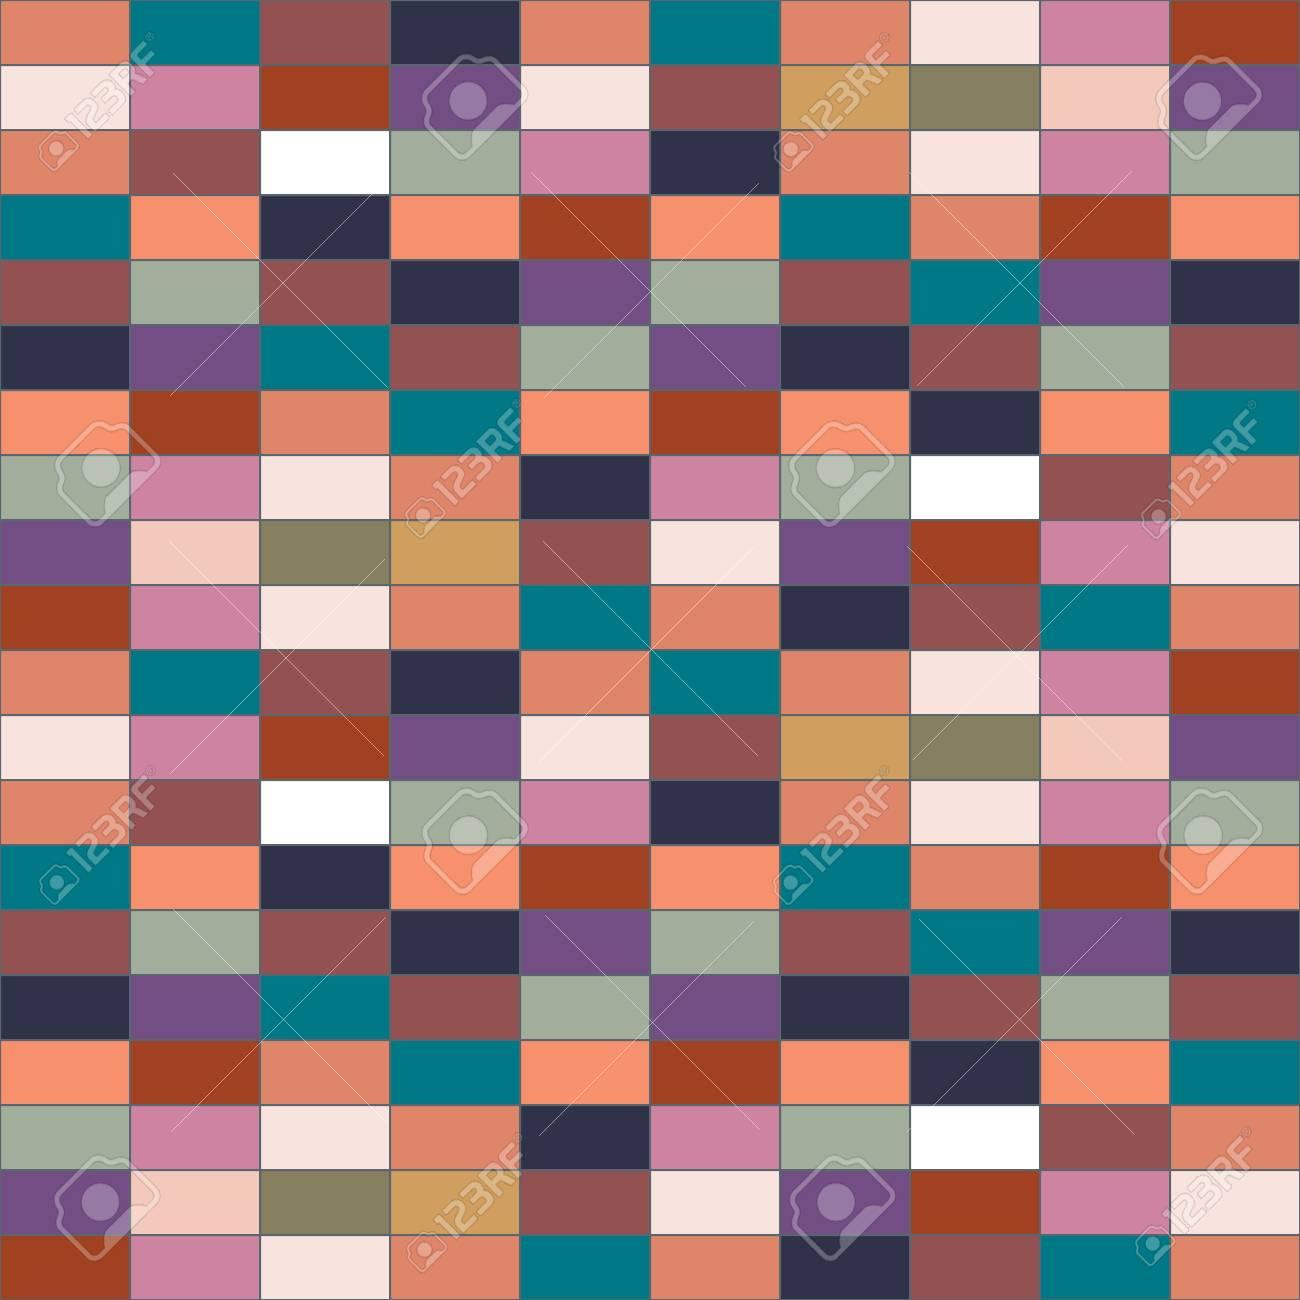 Attraktiv Die Wand Aus Farbigen Steinen. Bunte Vektor Muster Von Rechtecke. Abbildung Für  Die